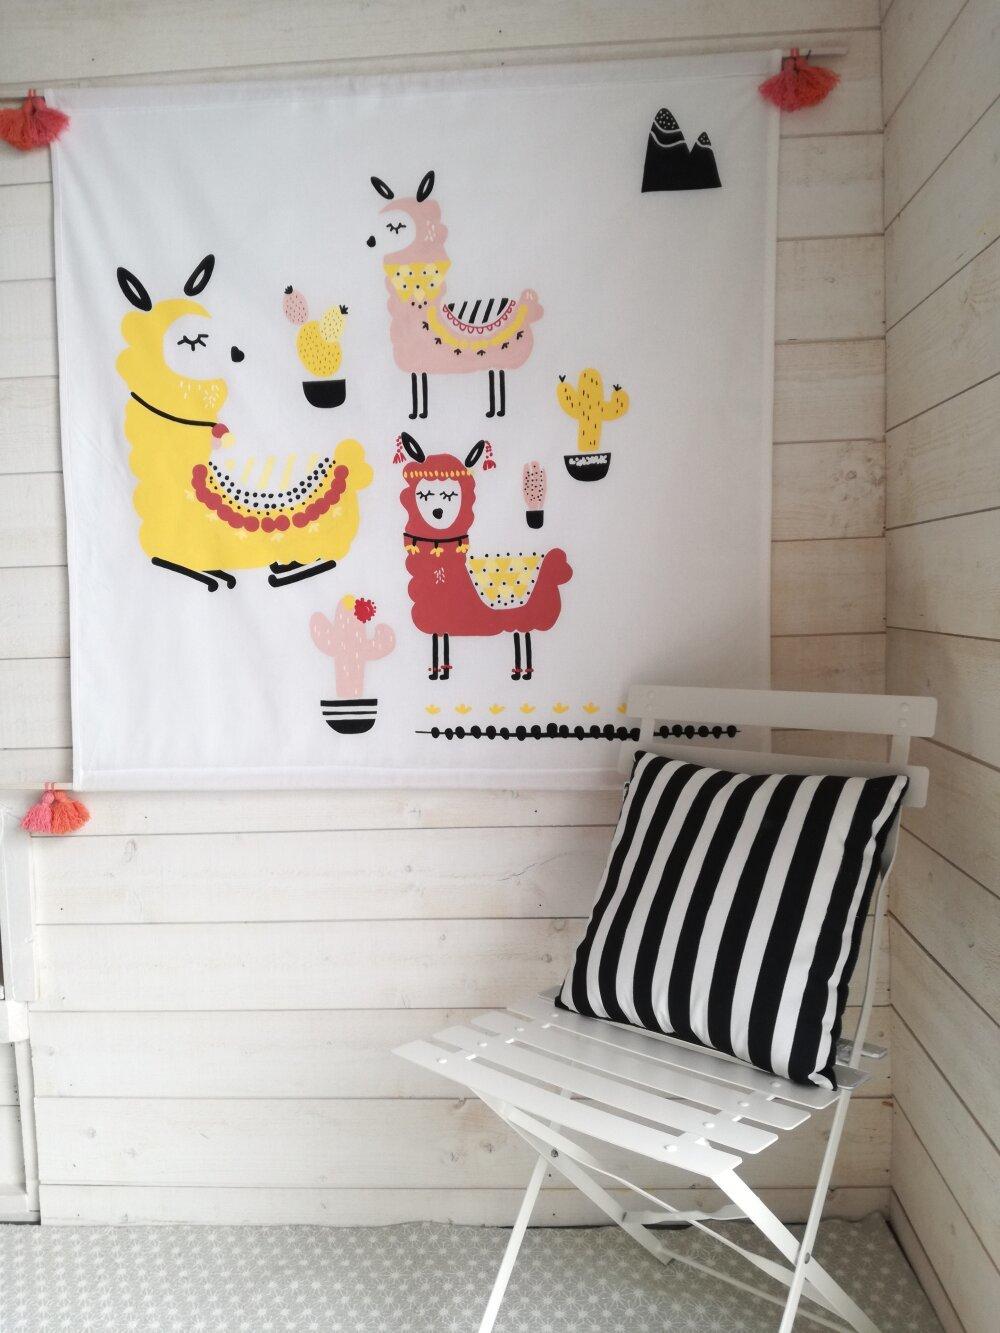 Tenture murale, décoration enfant, lama, cactus, rose et jaune pastels